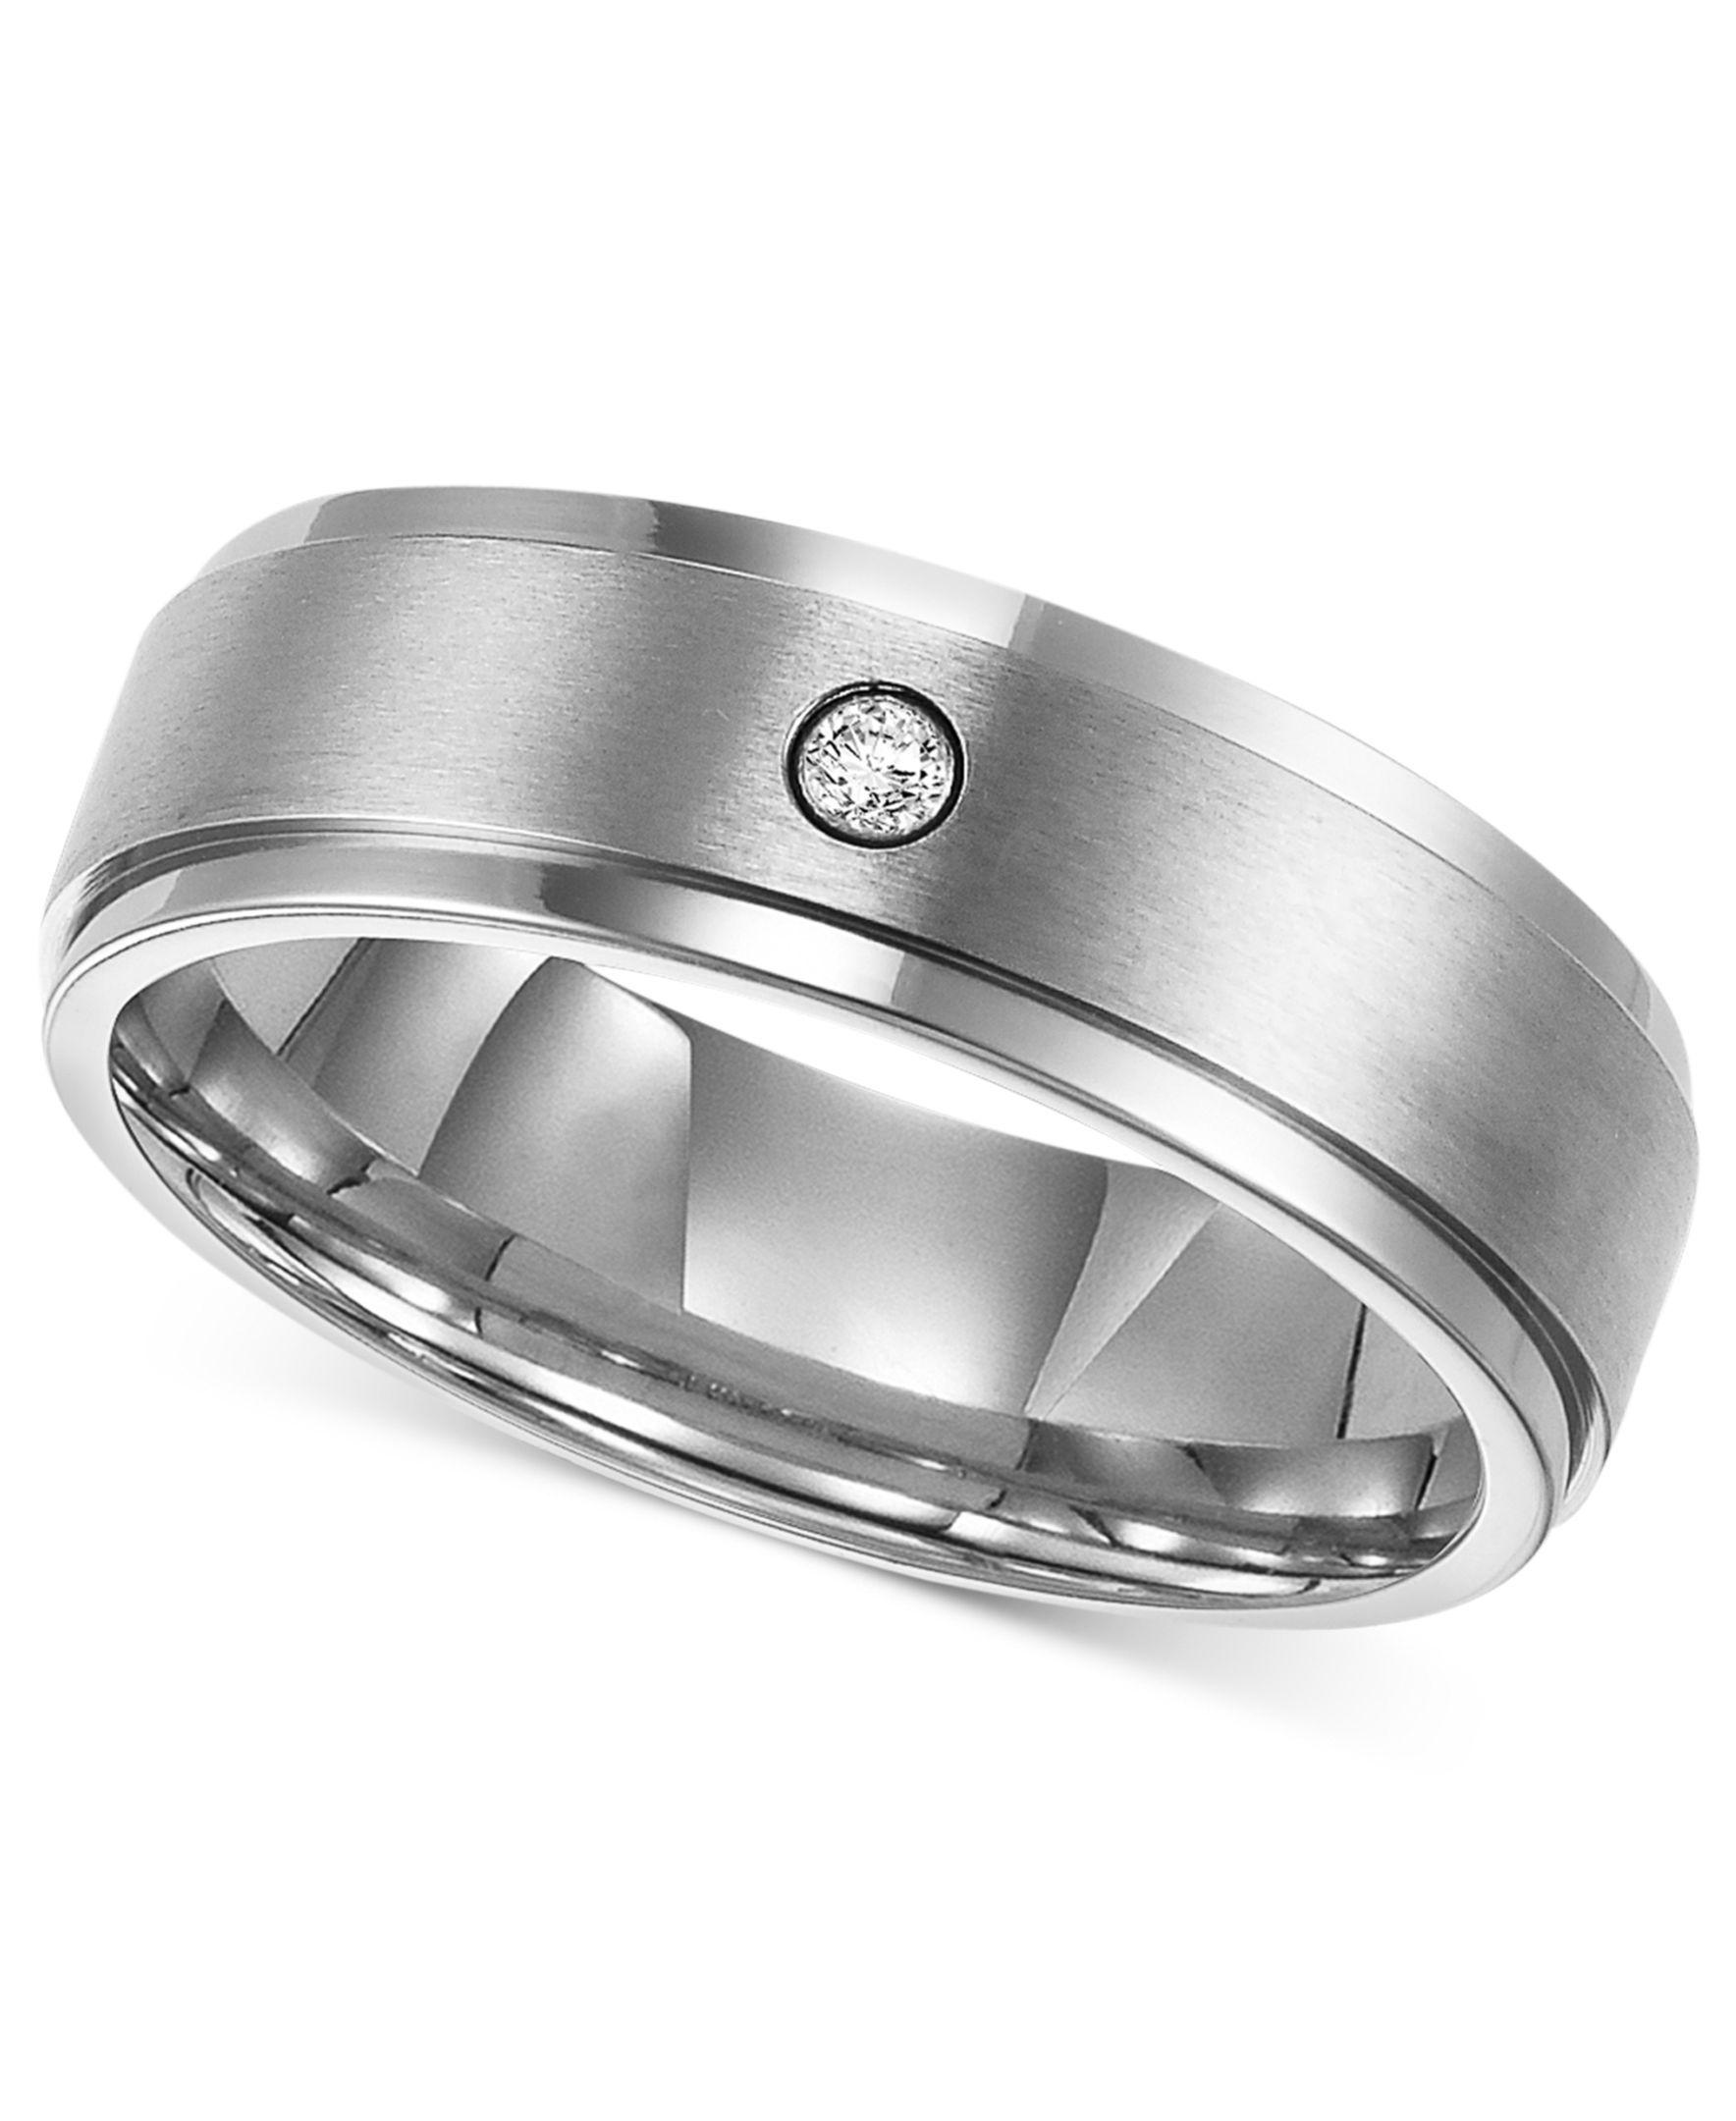 Triton Men's Titanium Ring, 7mm Diamond Accent Wedding